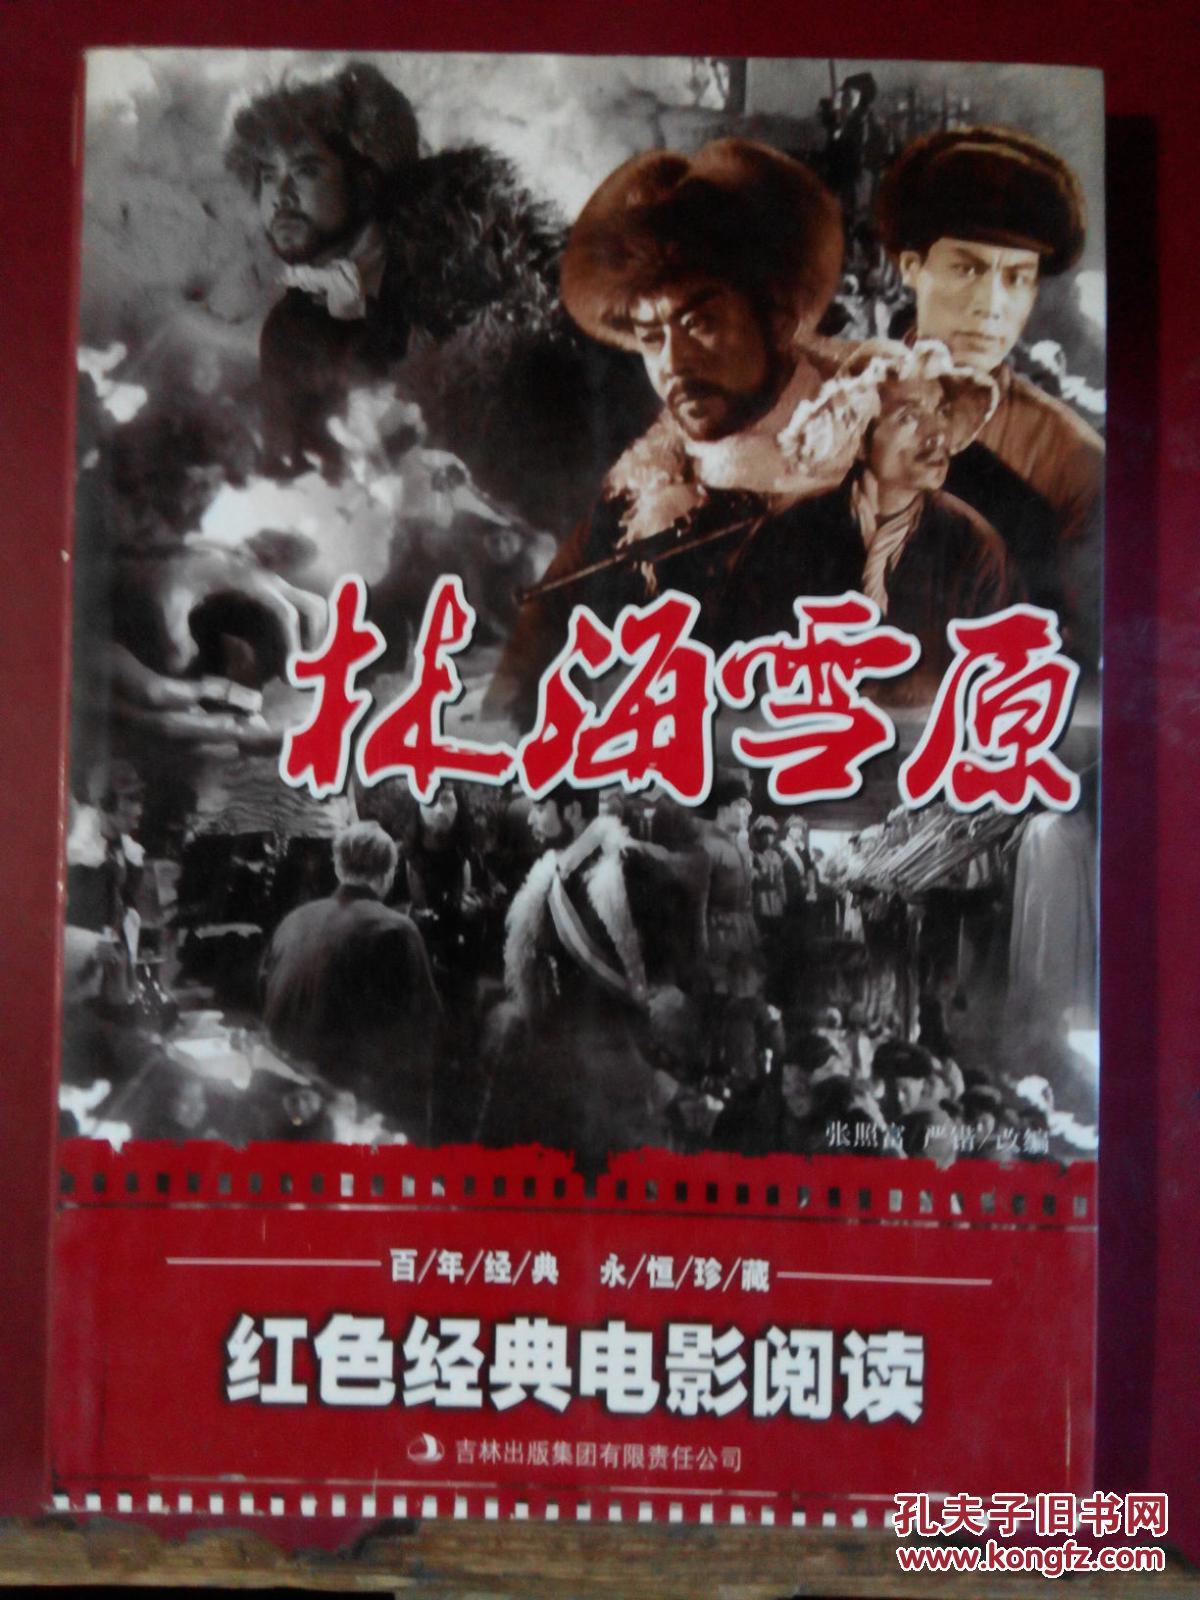 林海雪原电影����_红色经典电影阅读:林海雪原